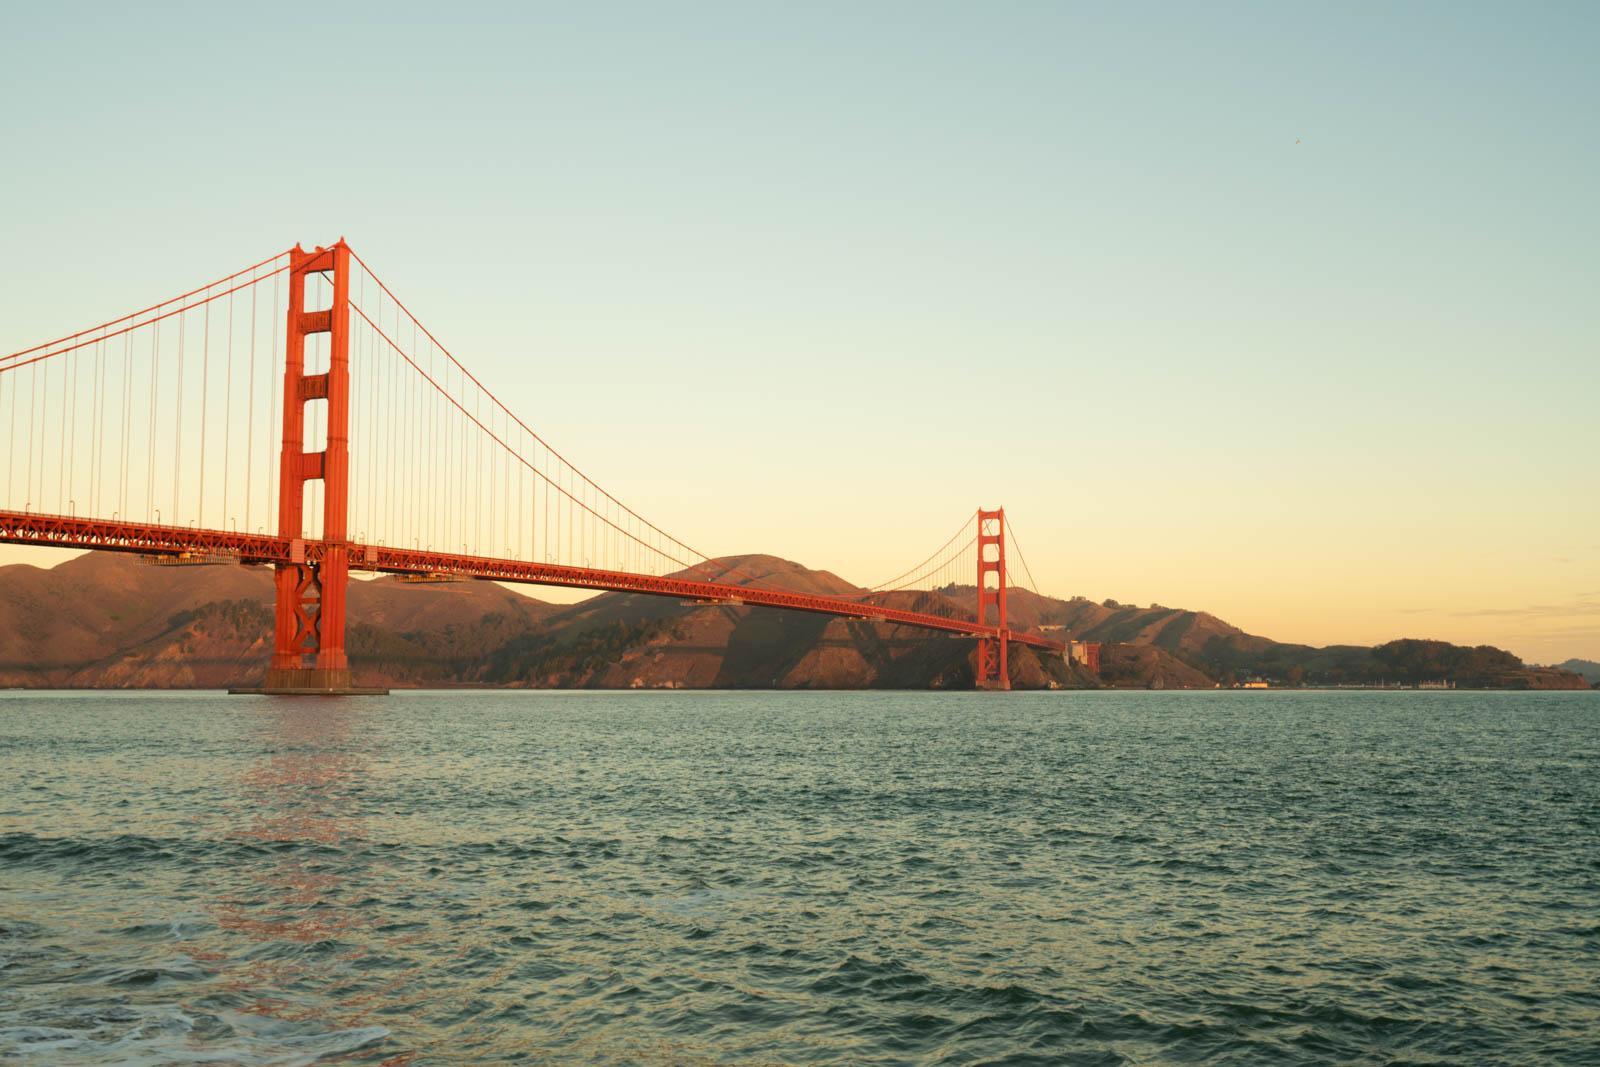 Golden Gate, San Francisco, California